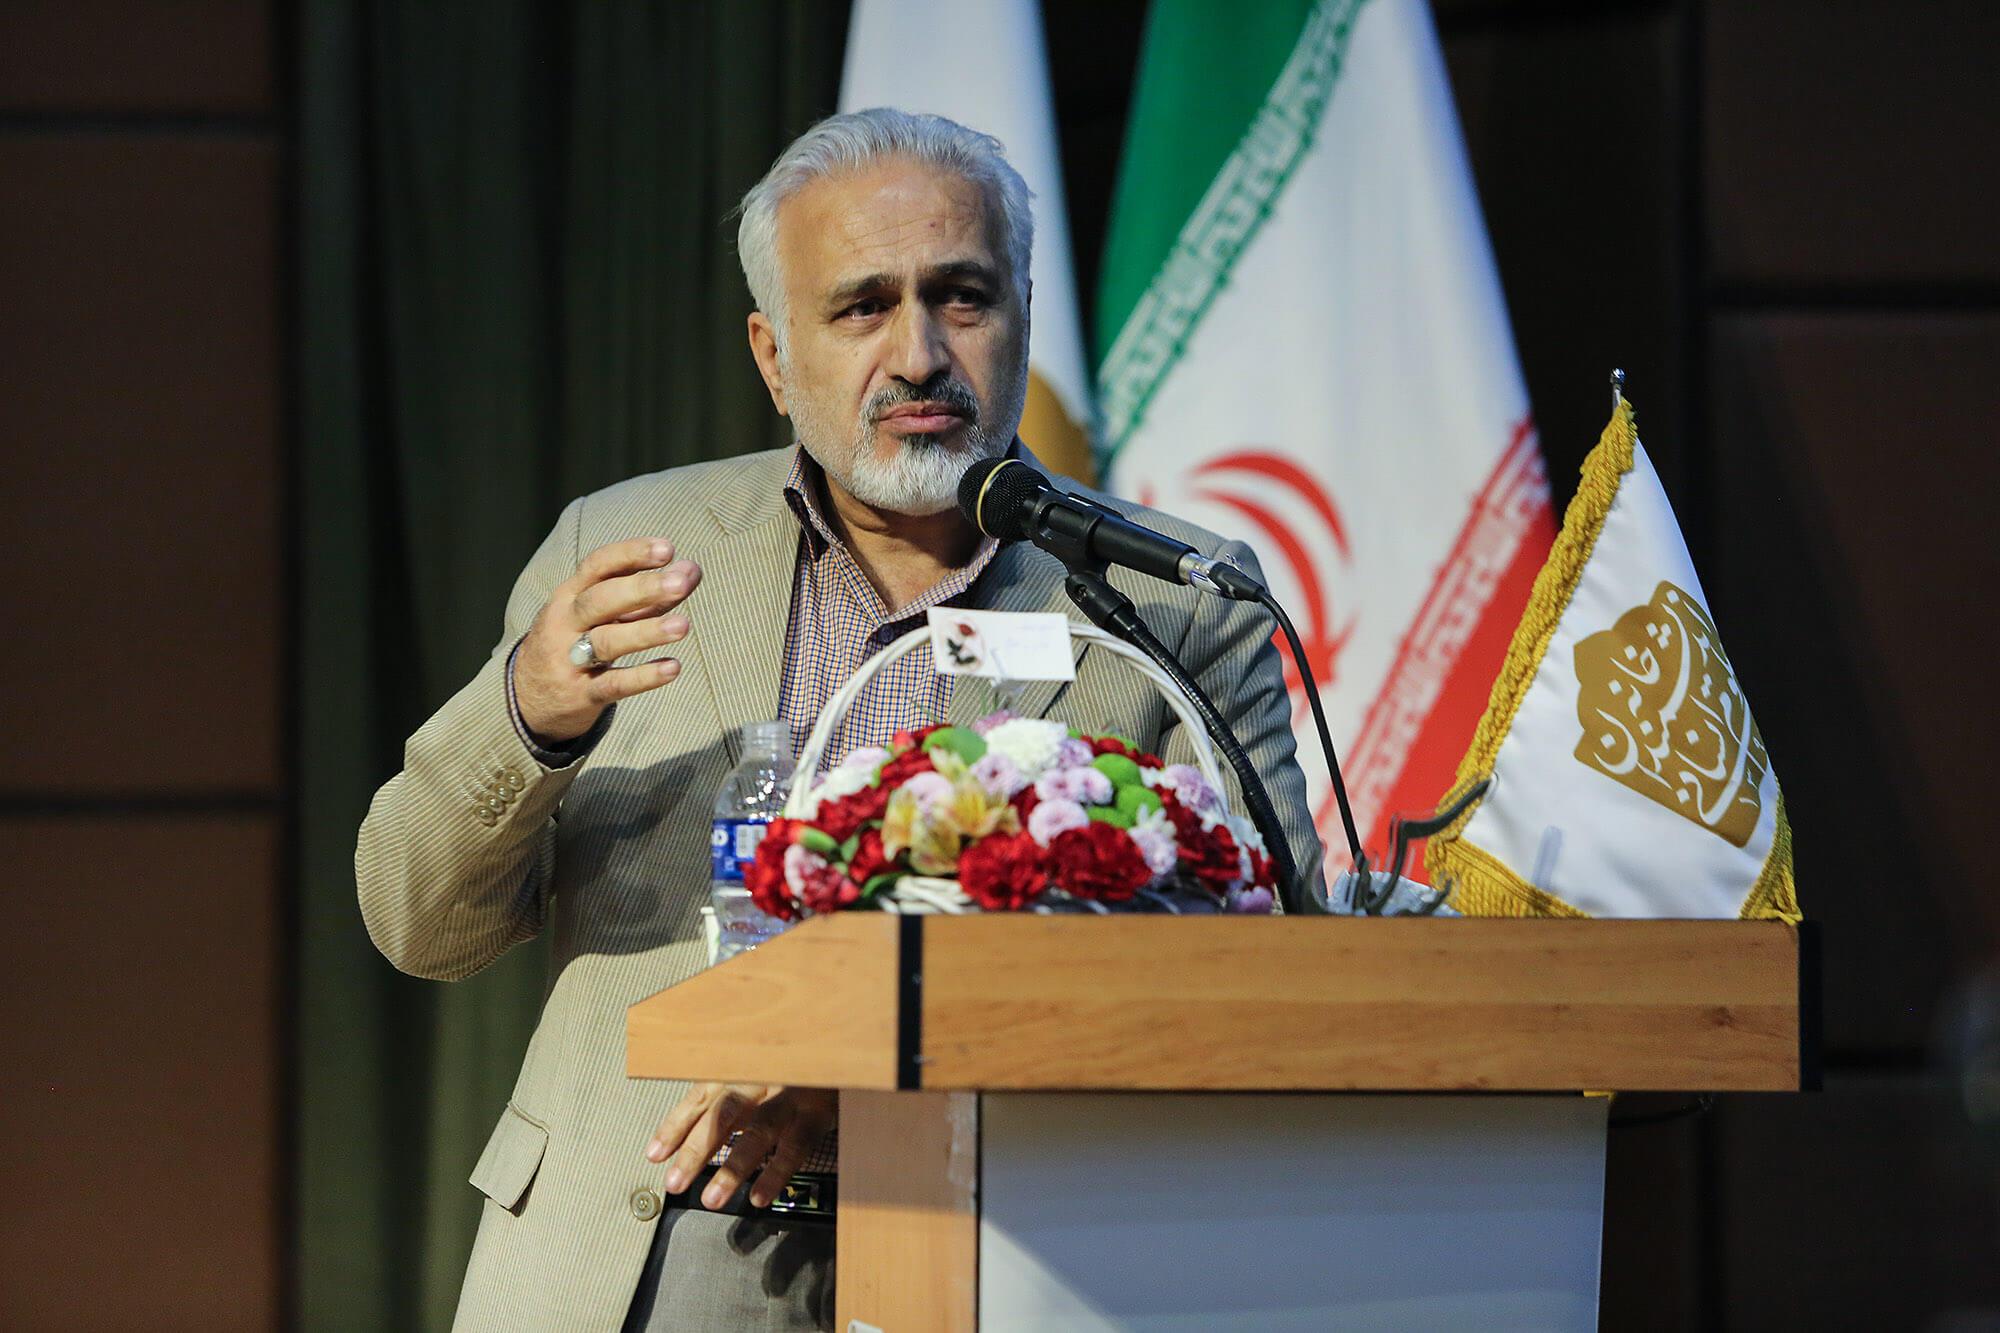 سخنرانی امیر علی جوادیان در آیین سپاس استاد افشین بختیار